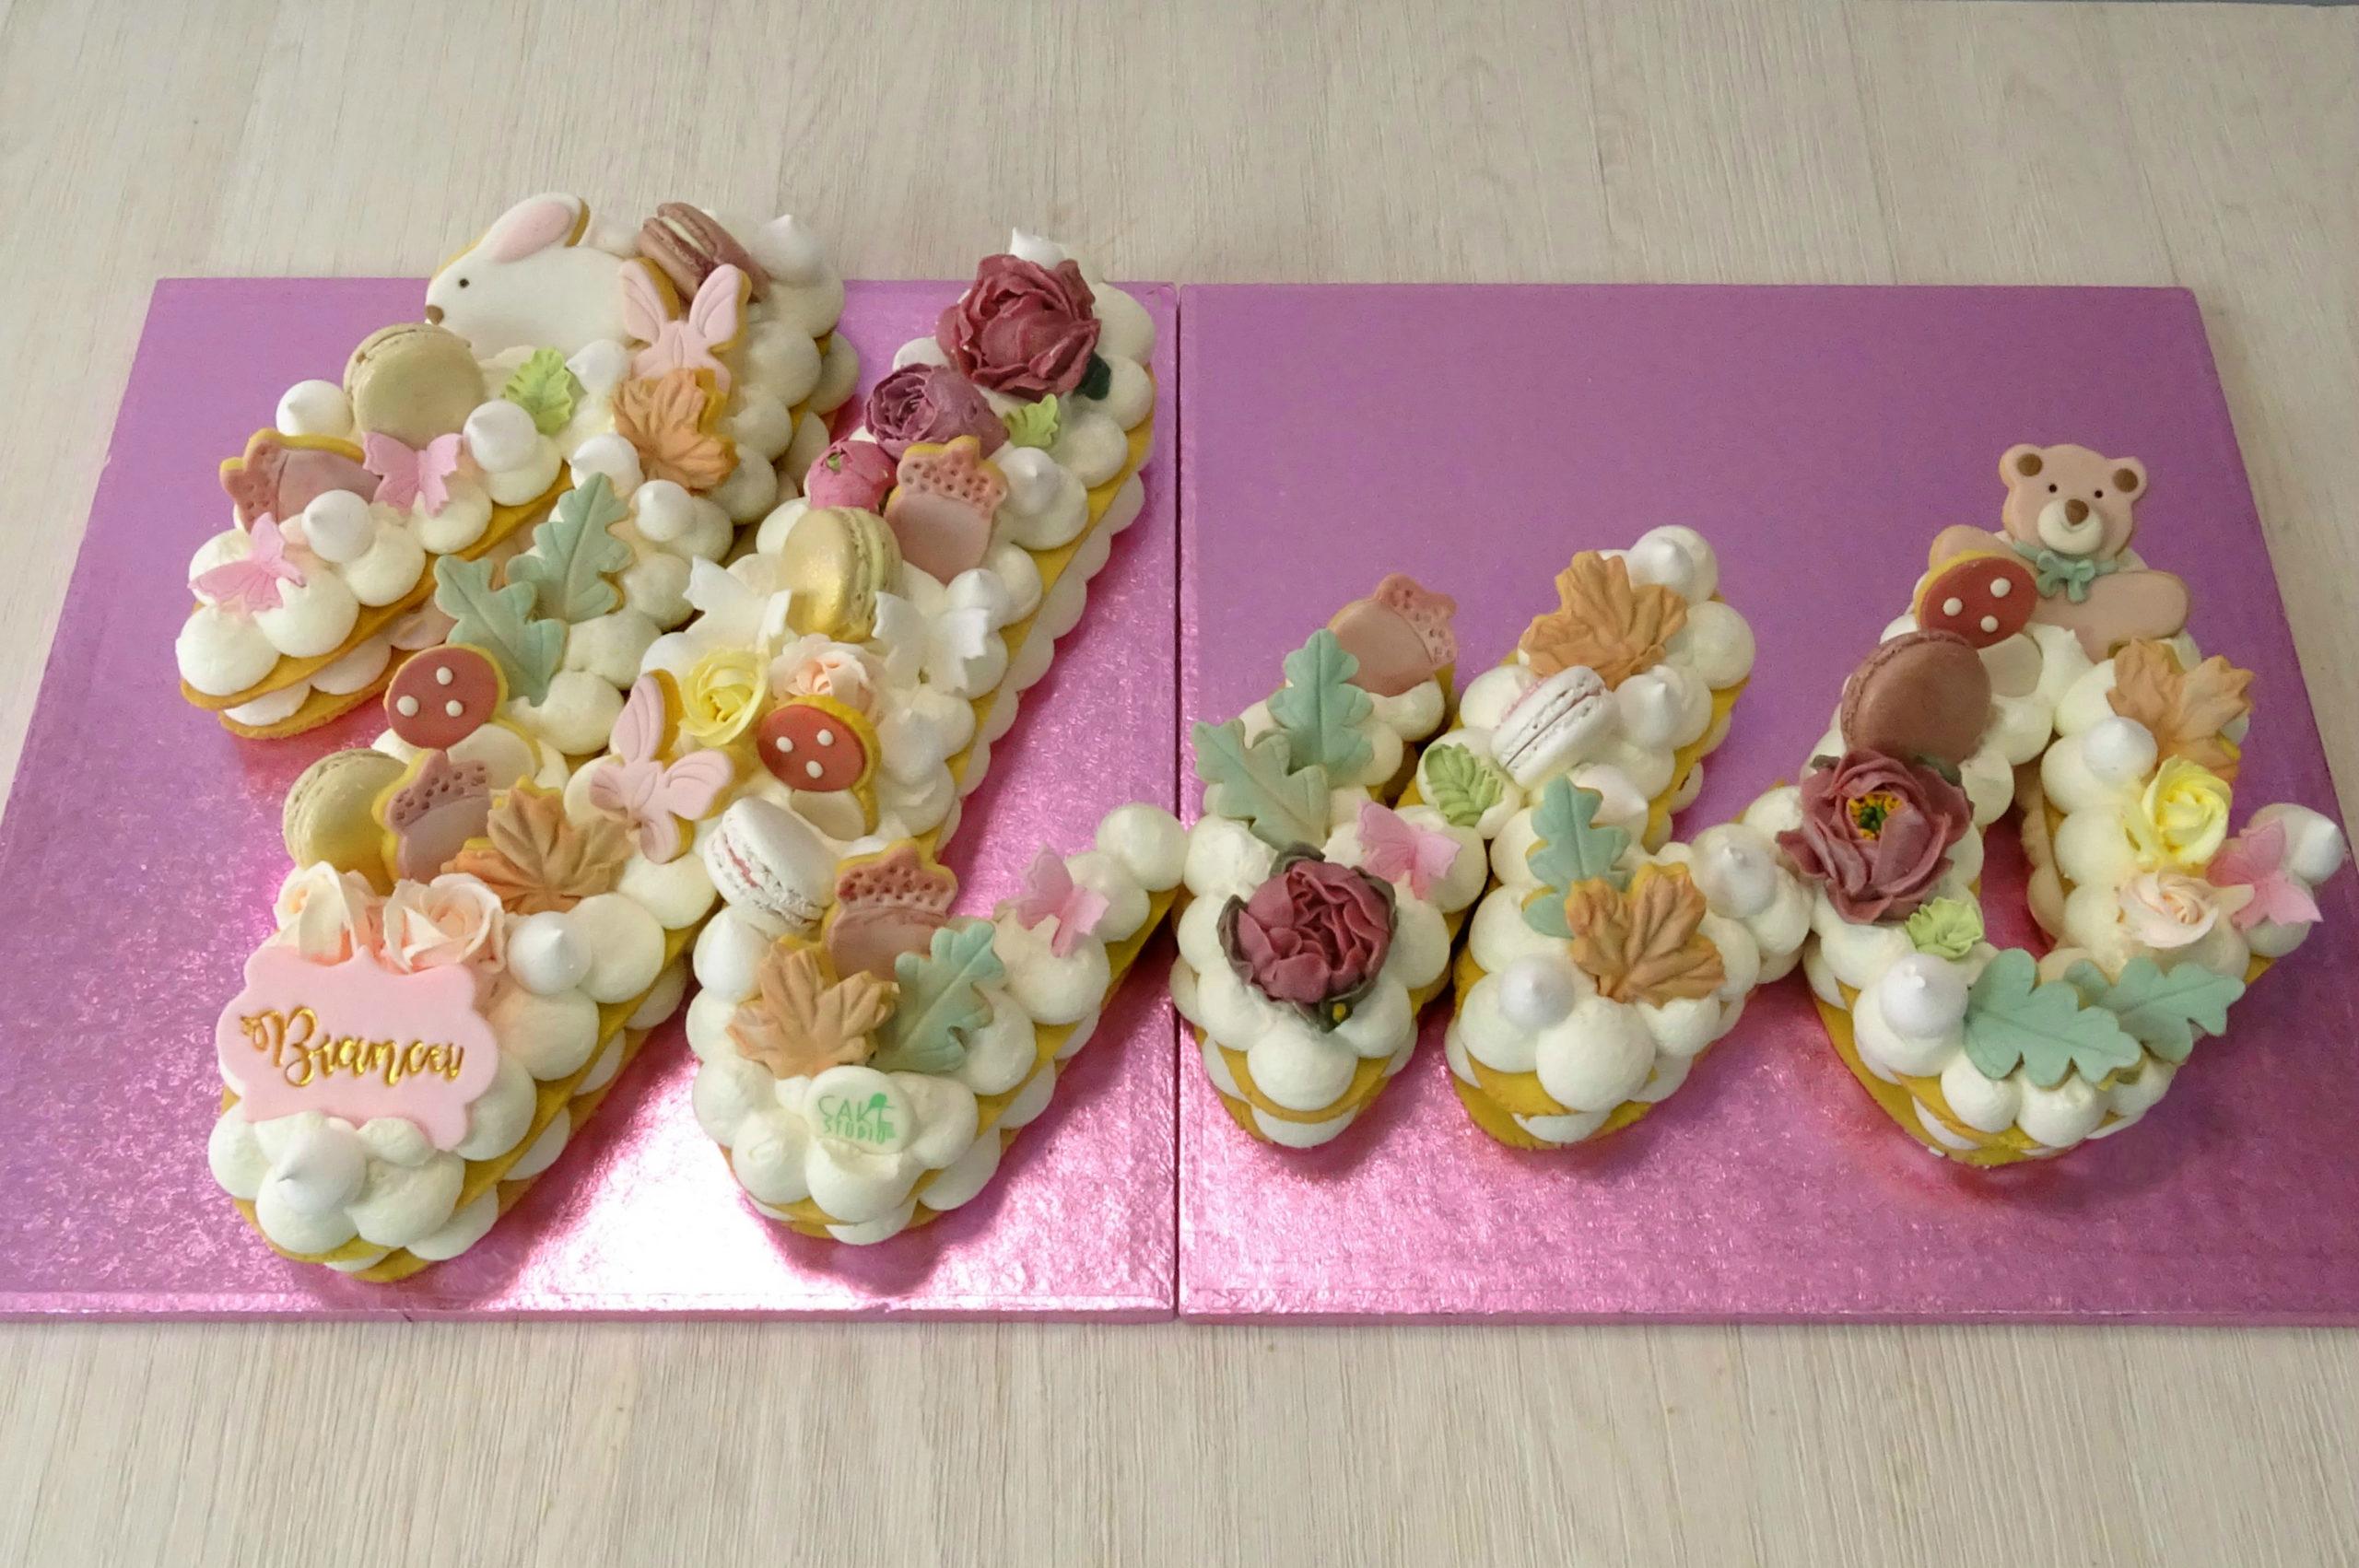 cream tart uno primo compleanno bambina foglie animali funghi fiori